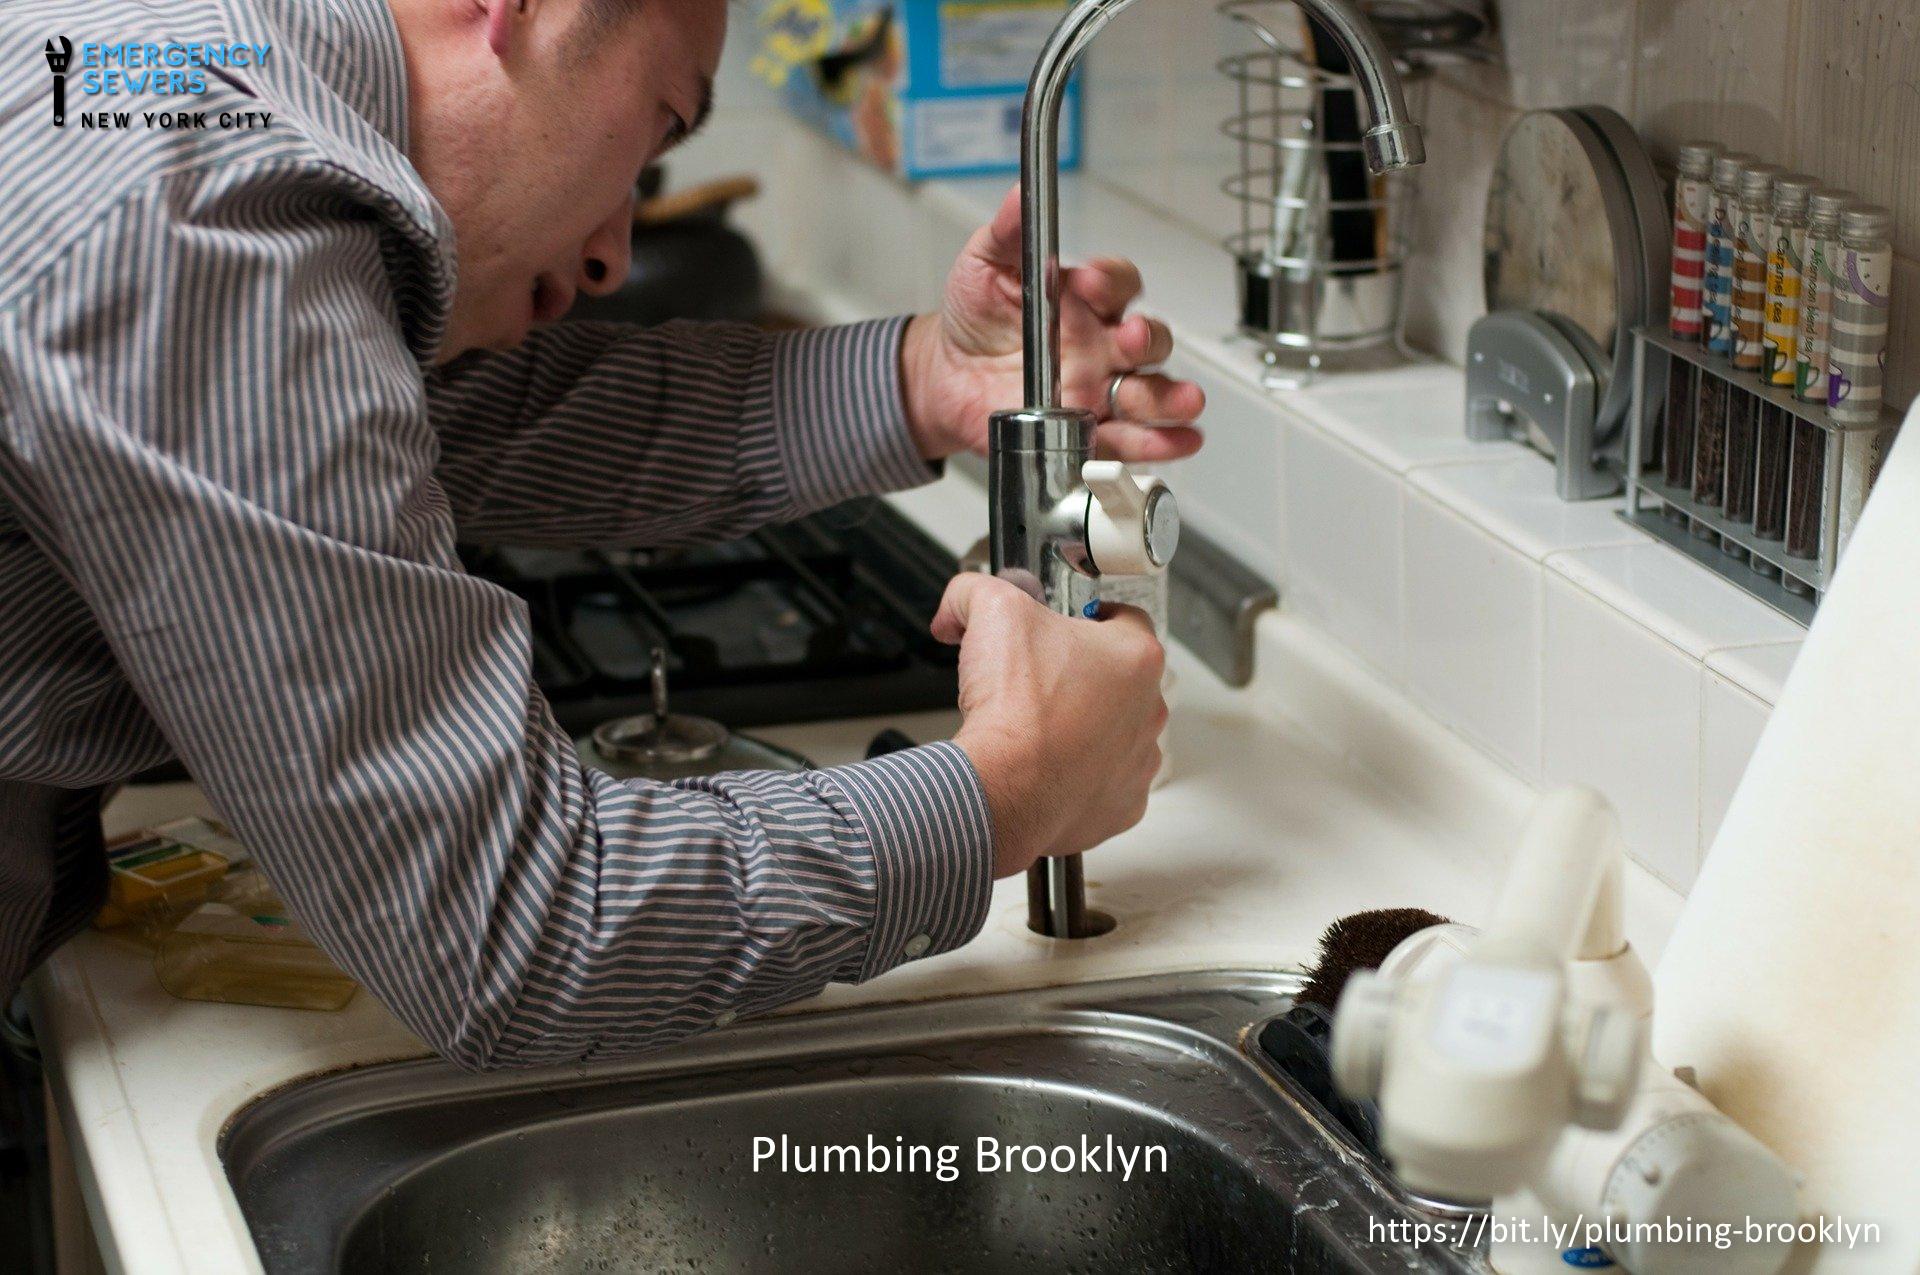 Emergency Plumbing Outlines the Common Emergency Plumbing Needs